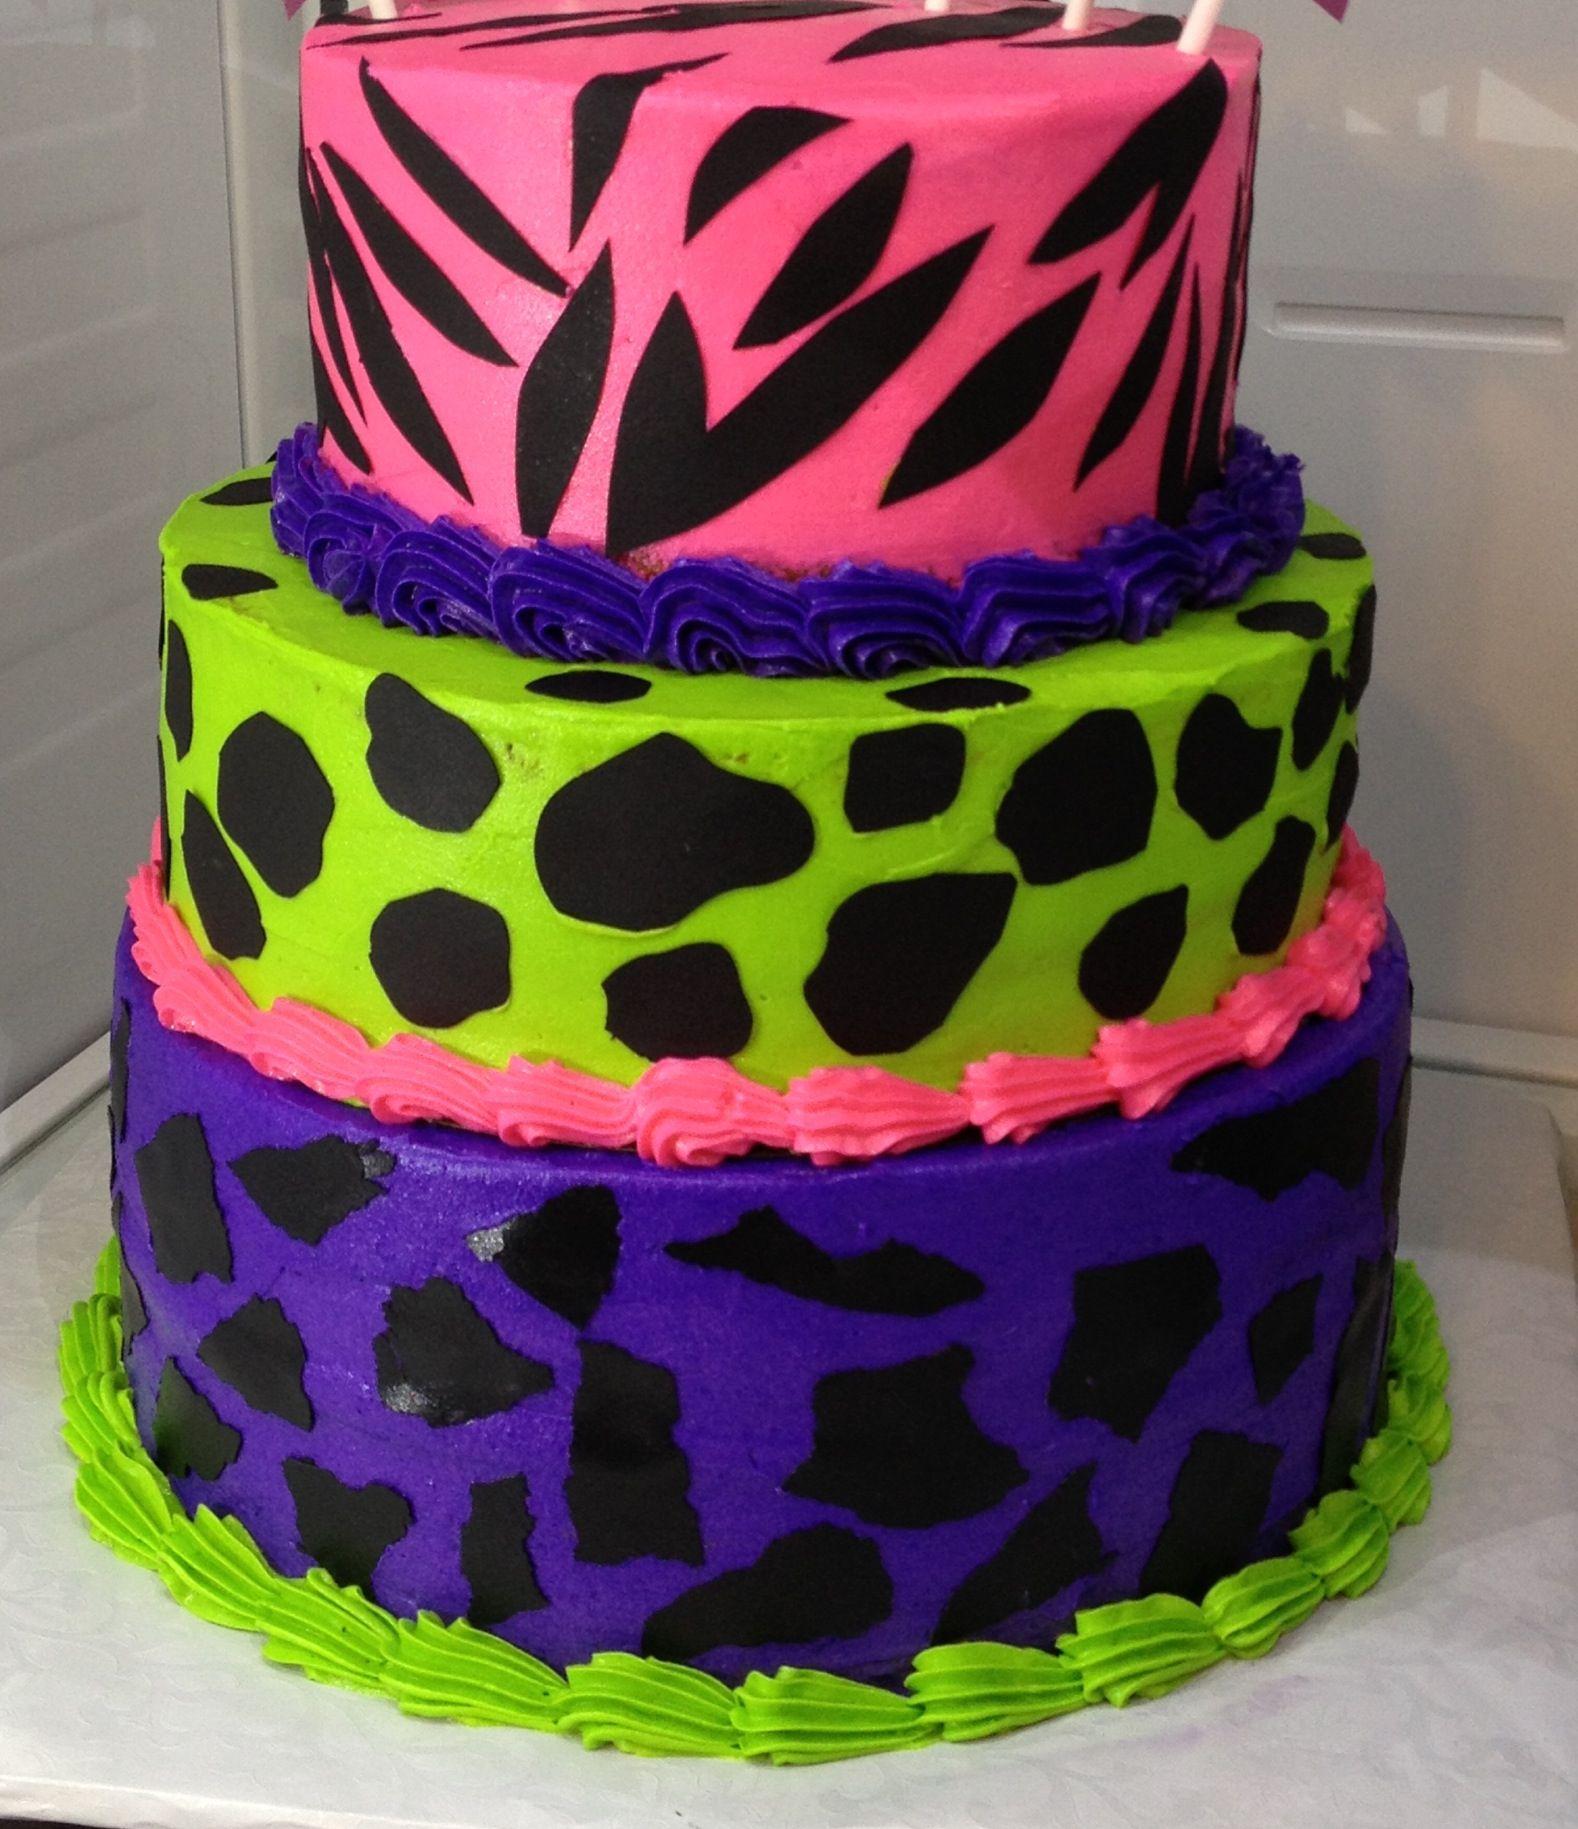 Multi Print 3 Tier Cake